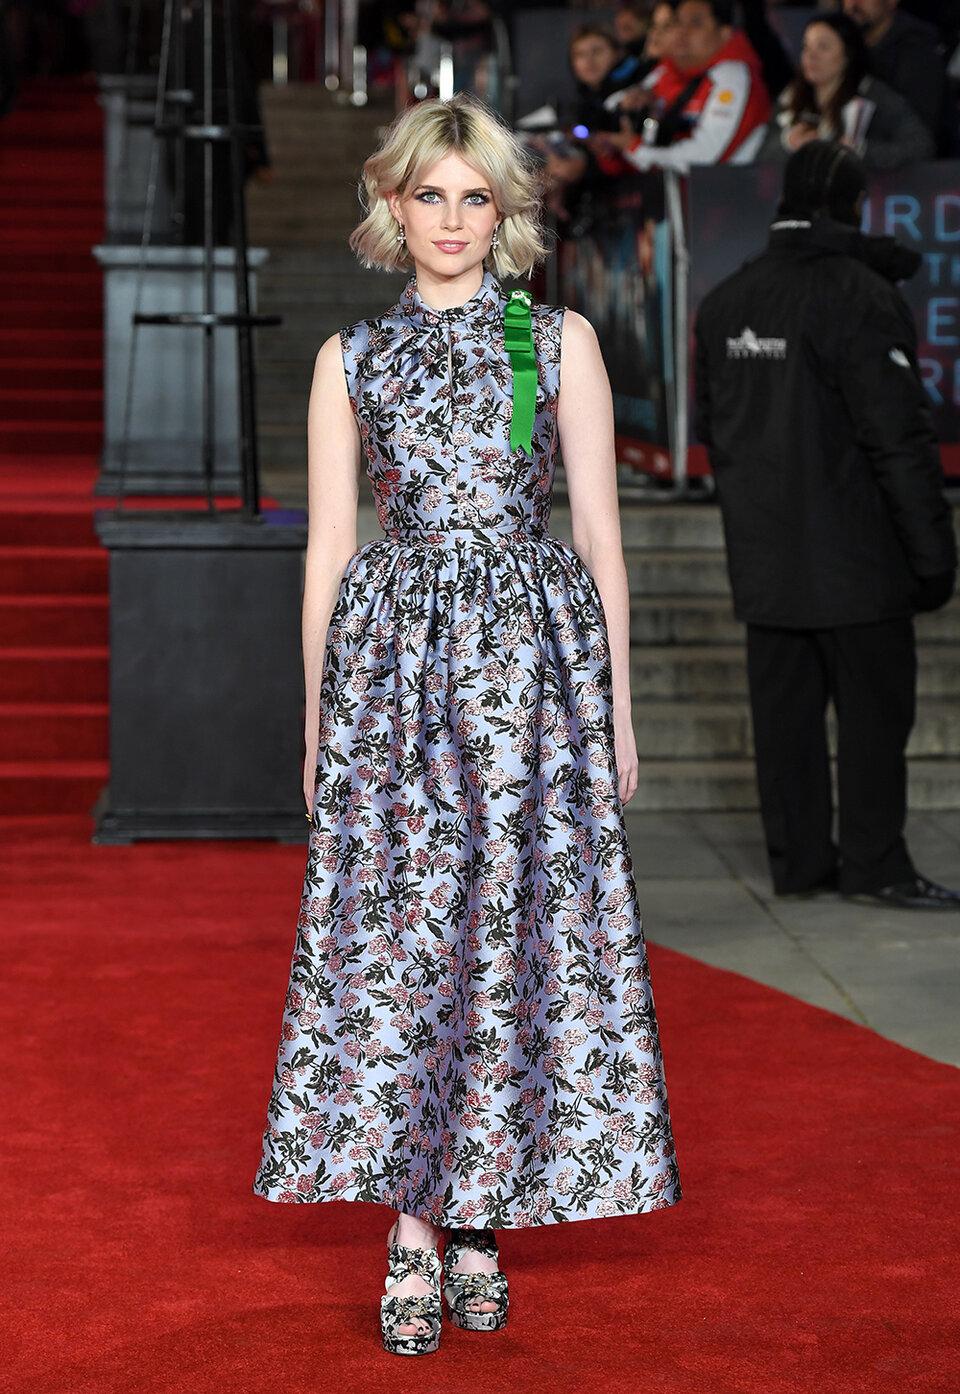 Люси Бойнтон на премьере фильма «Убийство в Восточном экспрессе» в Лондоне / Фото: Getty Images